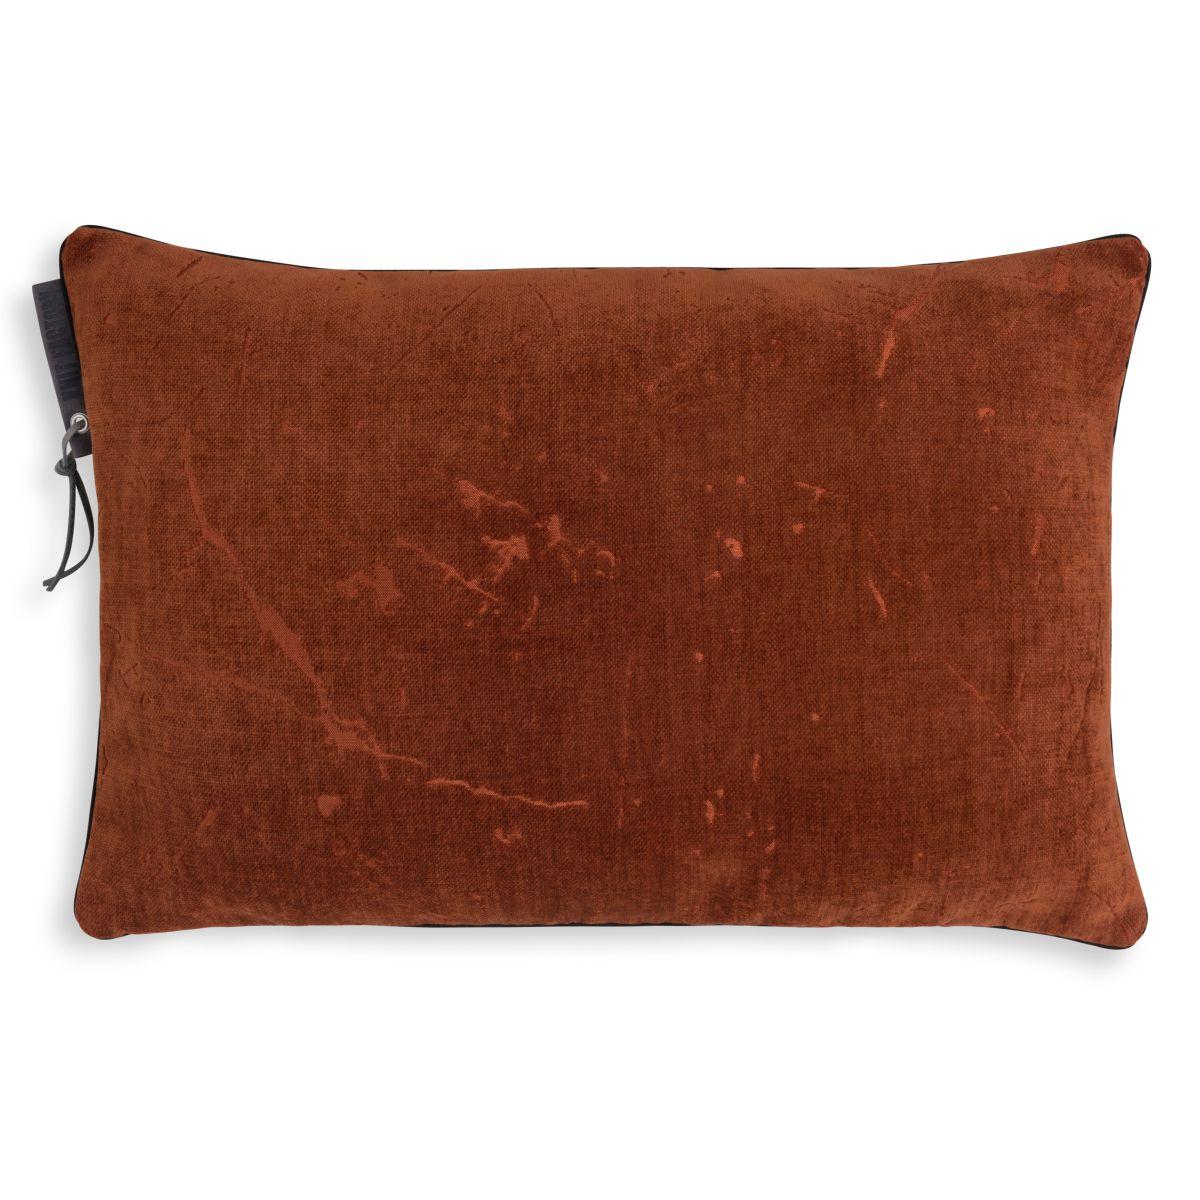 james cushion brique 60x40